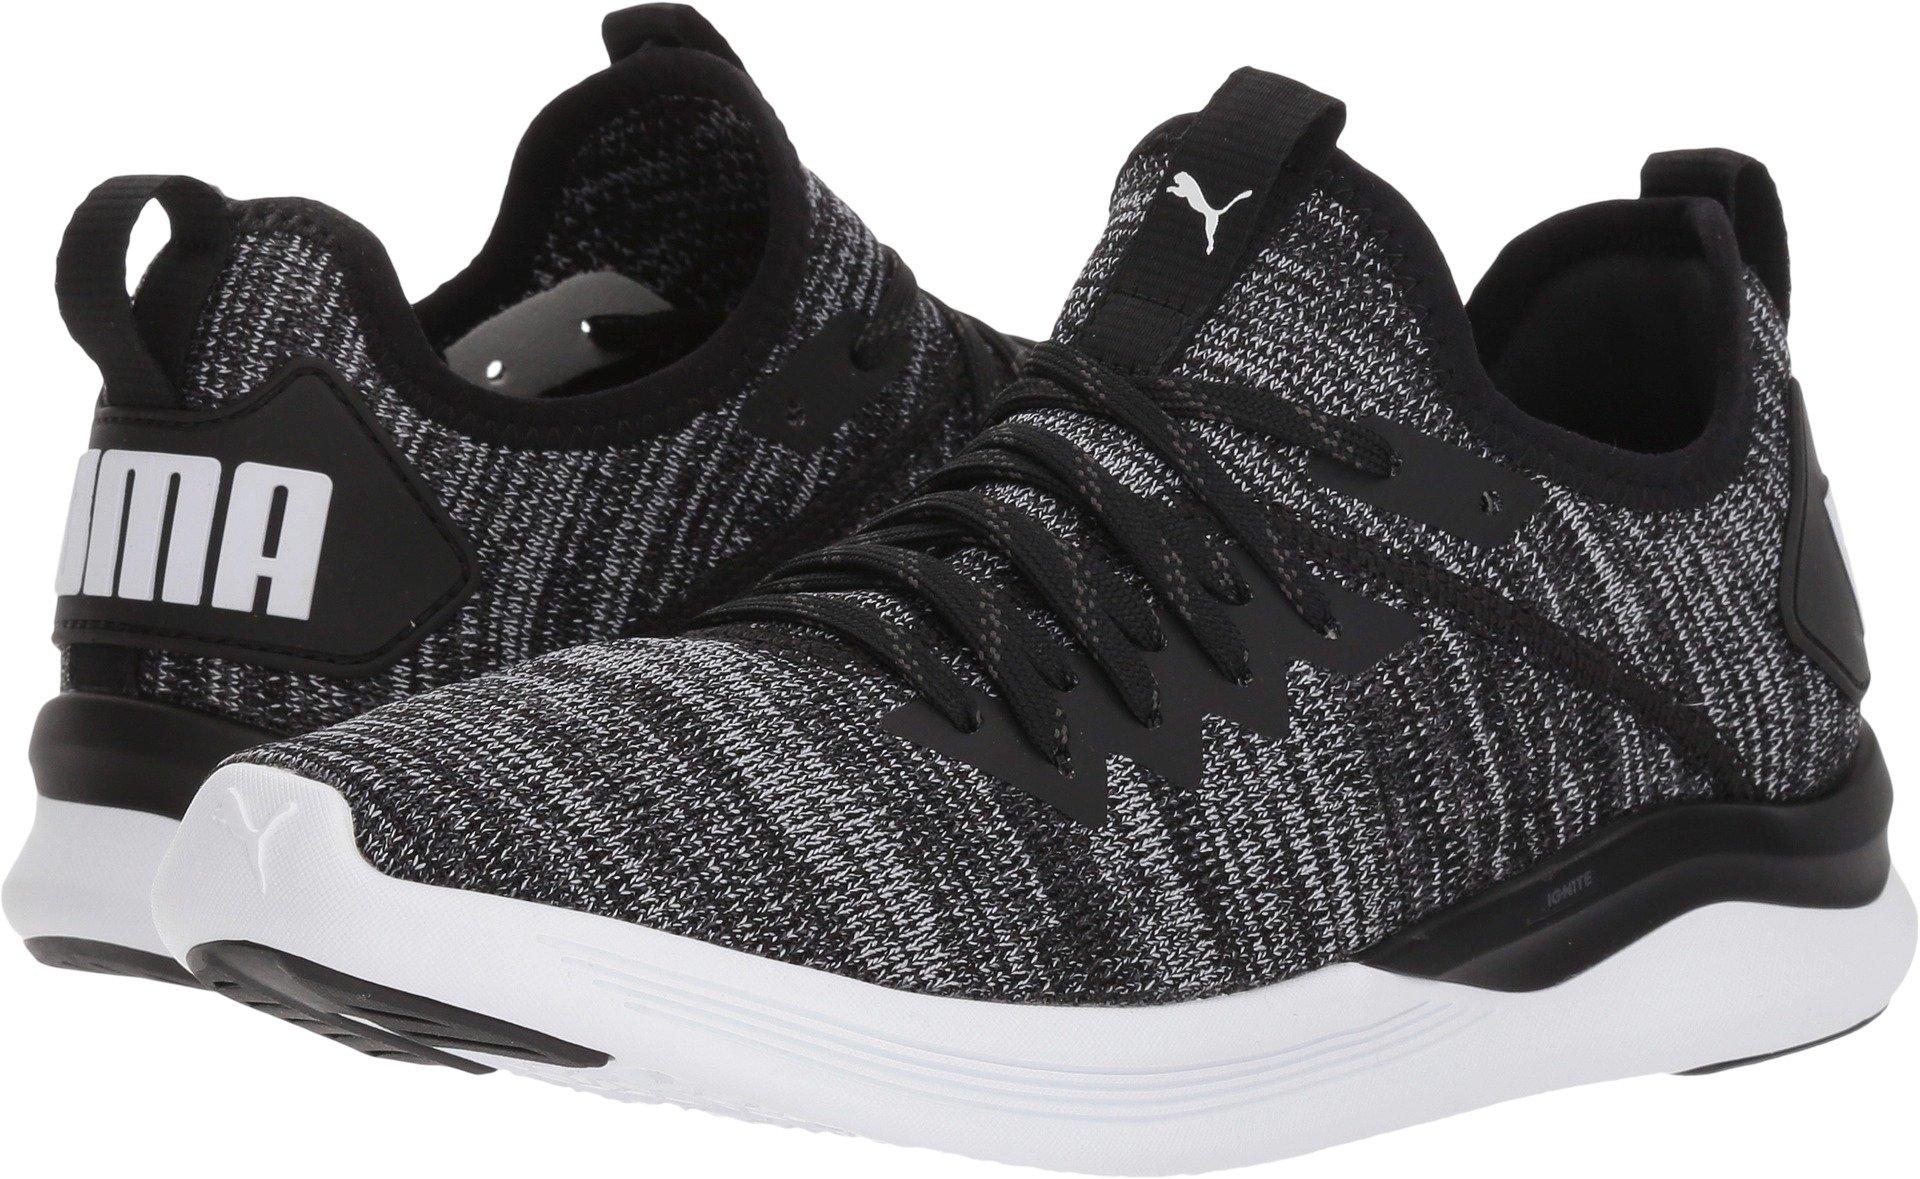 PUMA Women's Ignite Flash Evoknit Wn Sneaker, Black-Asphalt White, 7.5 M US